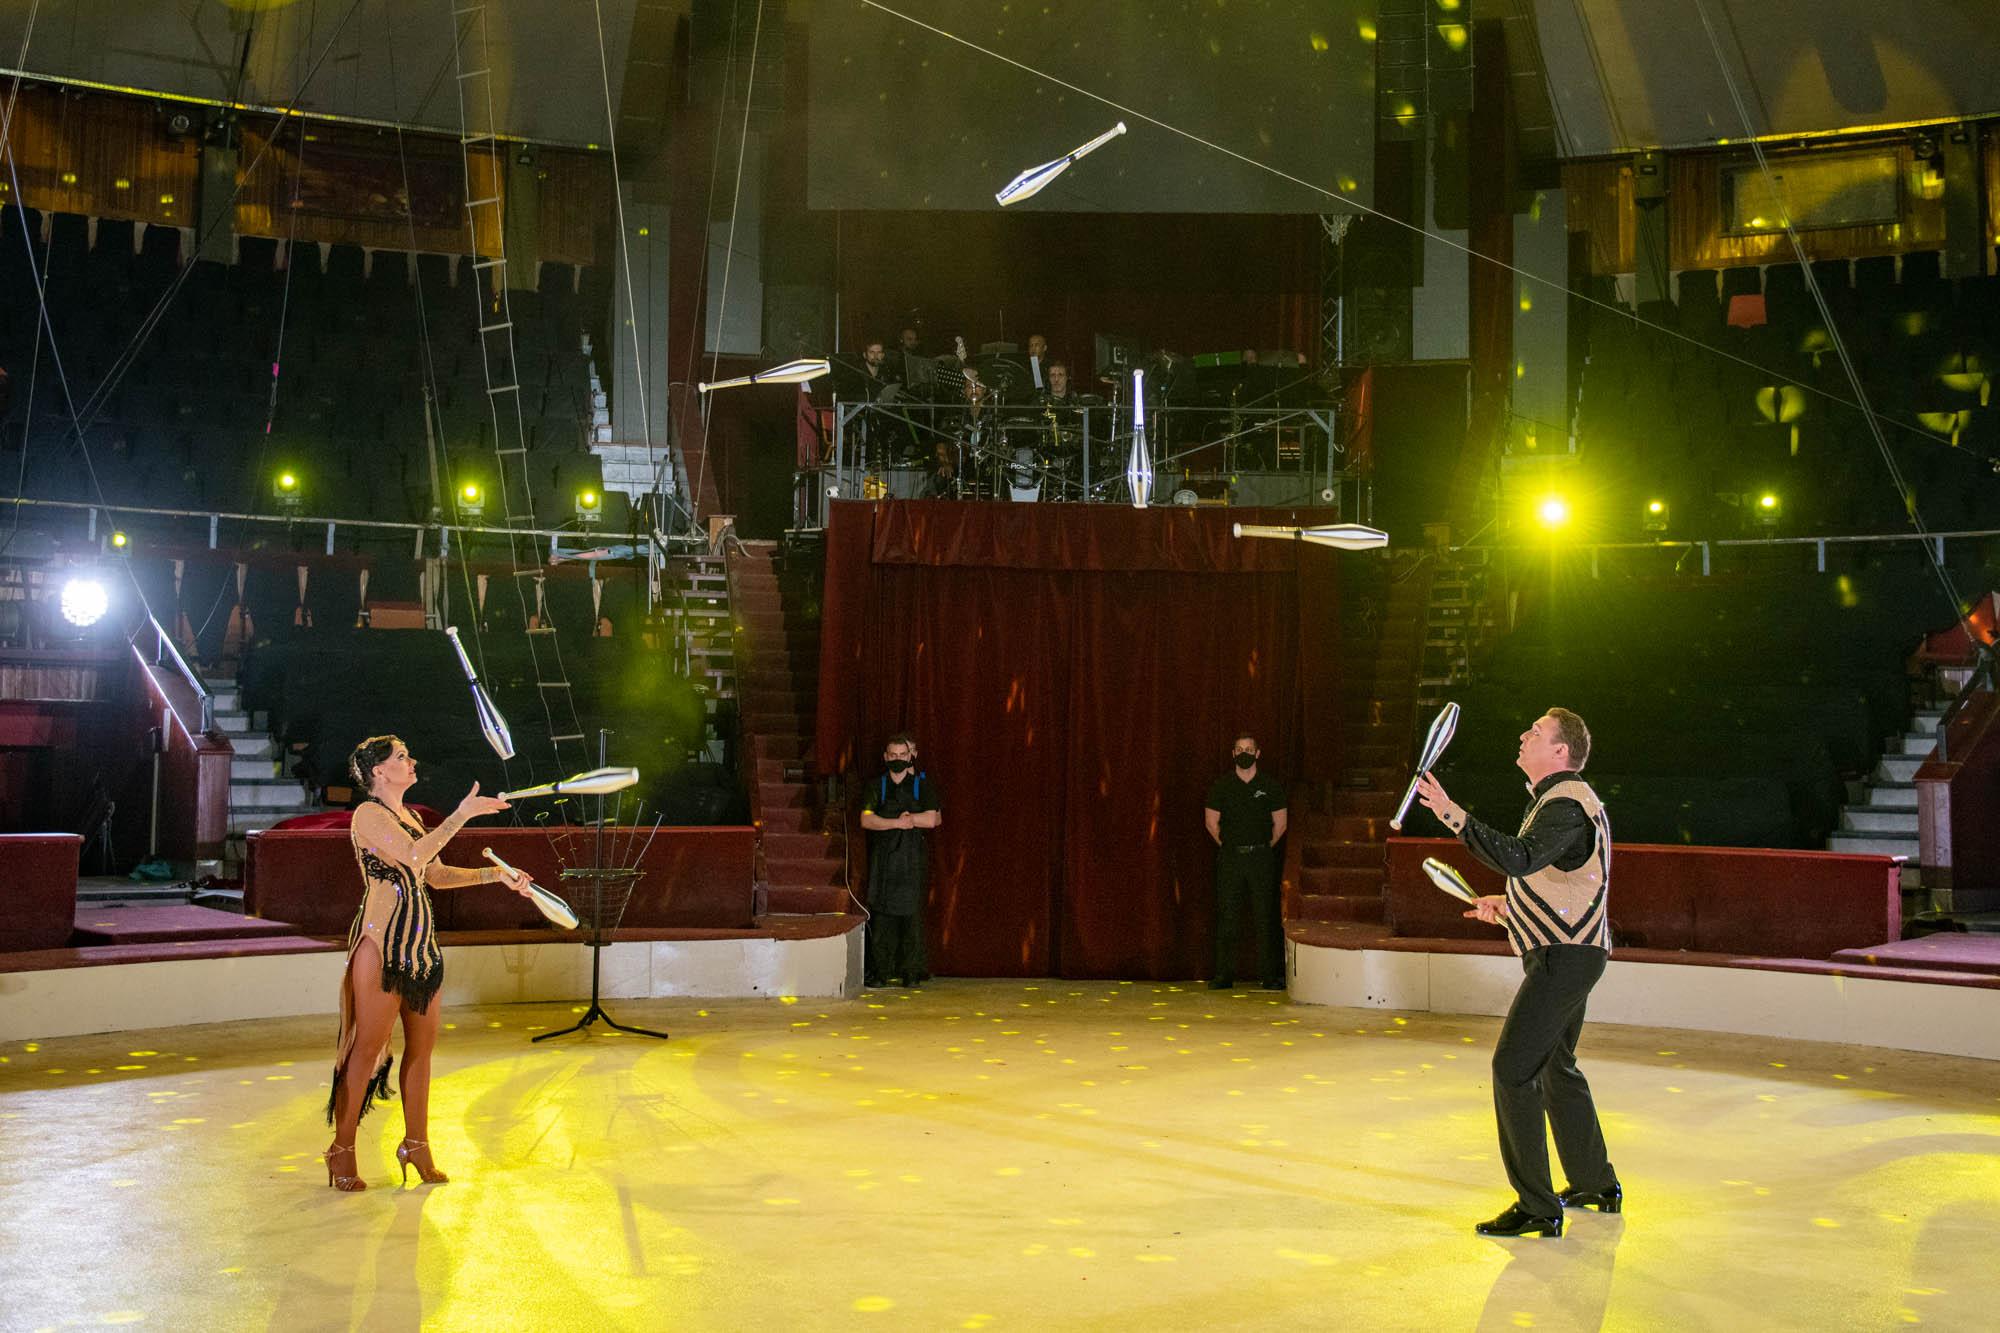 Évszázados cirkuszi tradíciók – Interjú Eötvös Loránddal